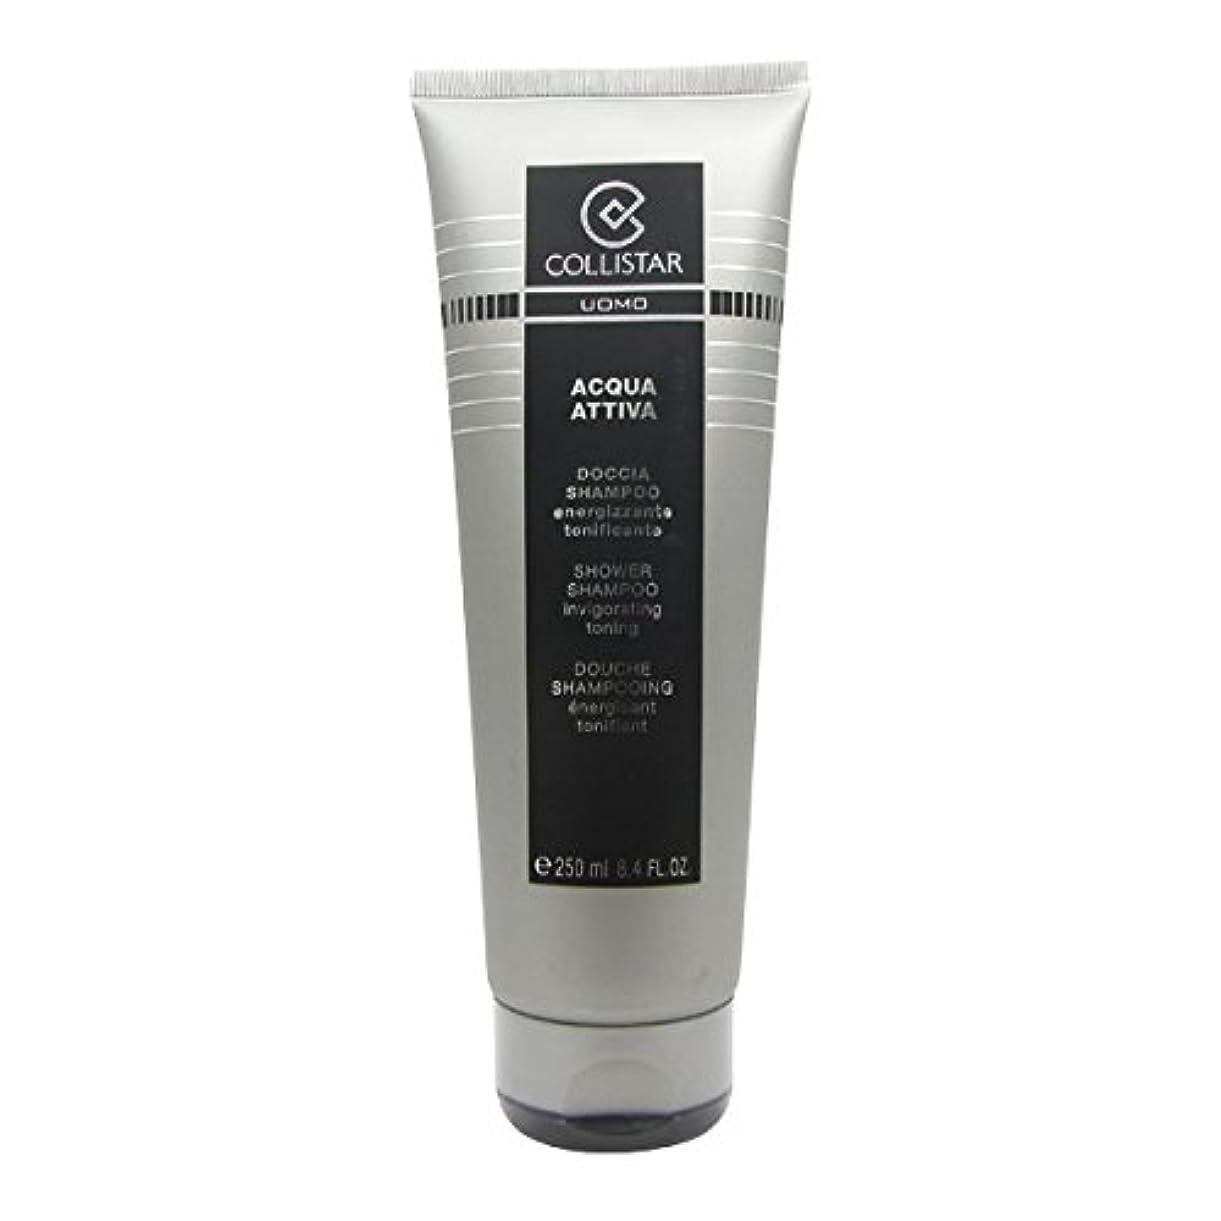 滑りやすい検索超えてCollistar Men Acqua Attiva Shower Shampoo 250ml [並行輸入品]